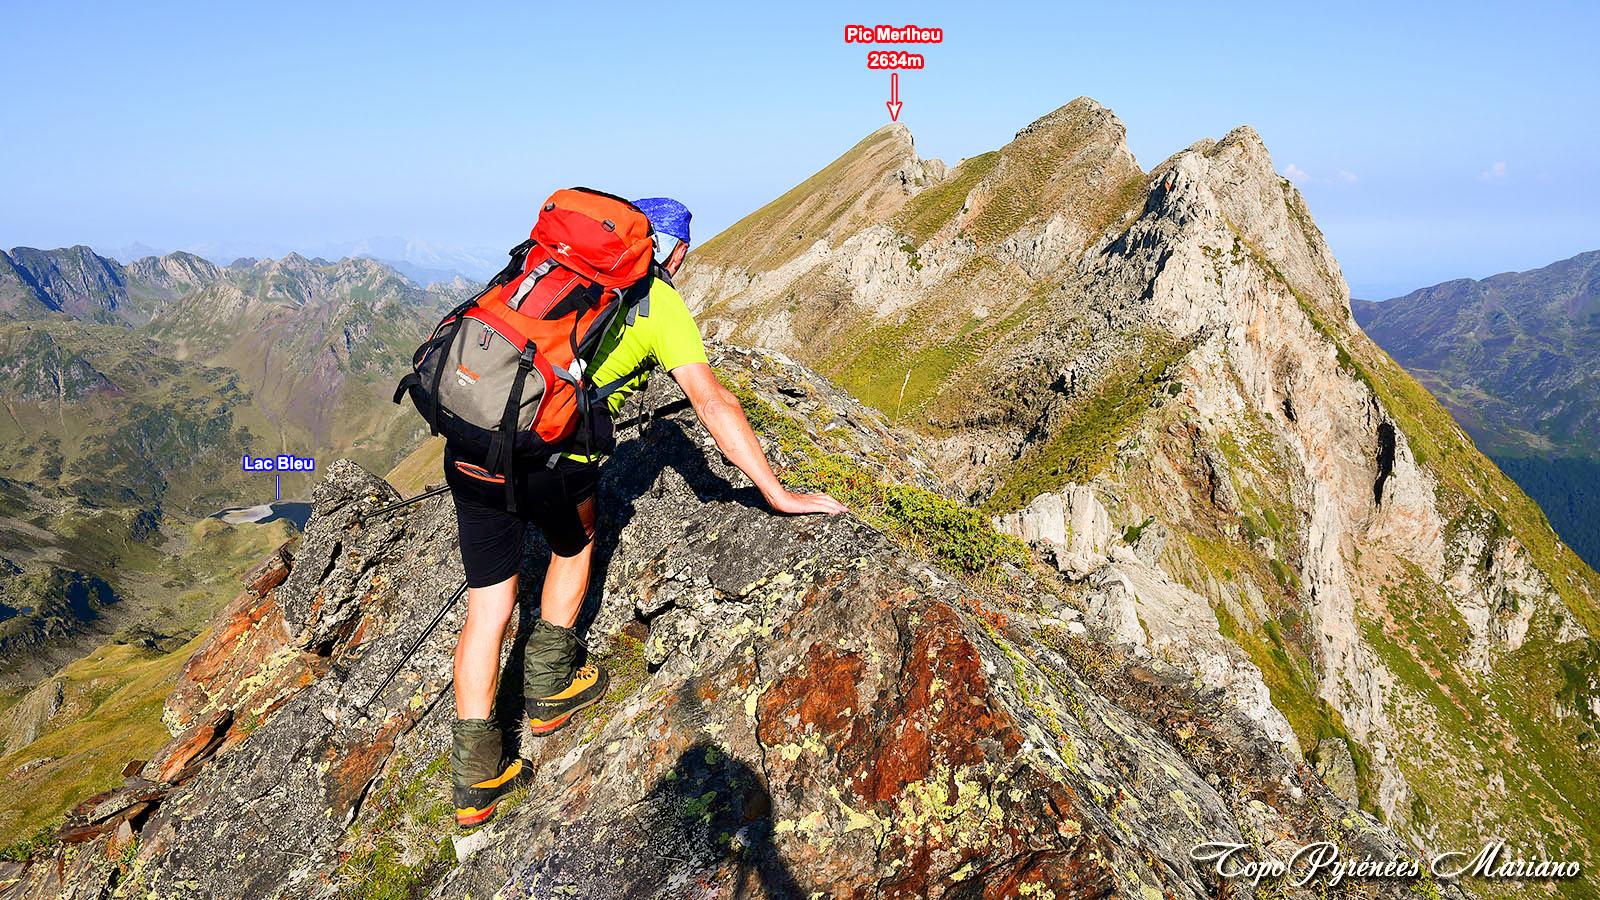 Randonnée au Pic Merlheu (2634m) par le Pic Crémat (2630m) et les crêtes d'Esquio d'Asou